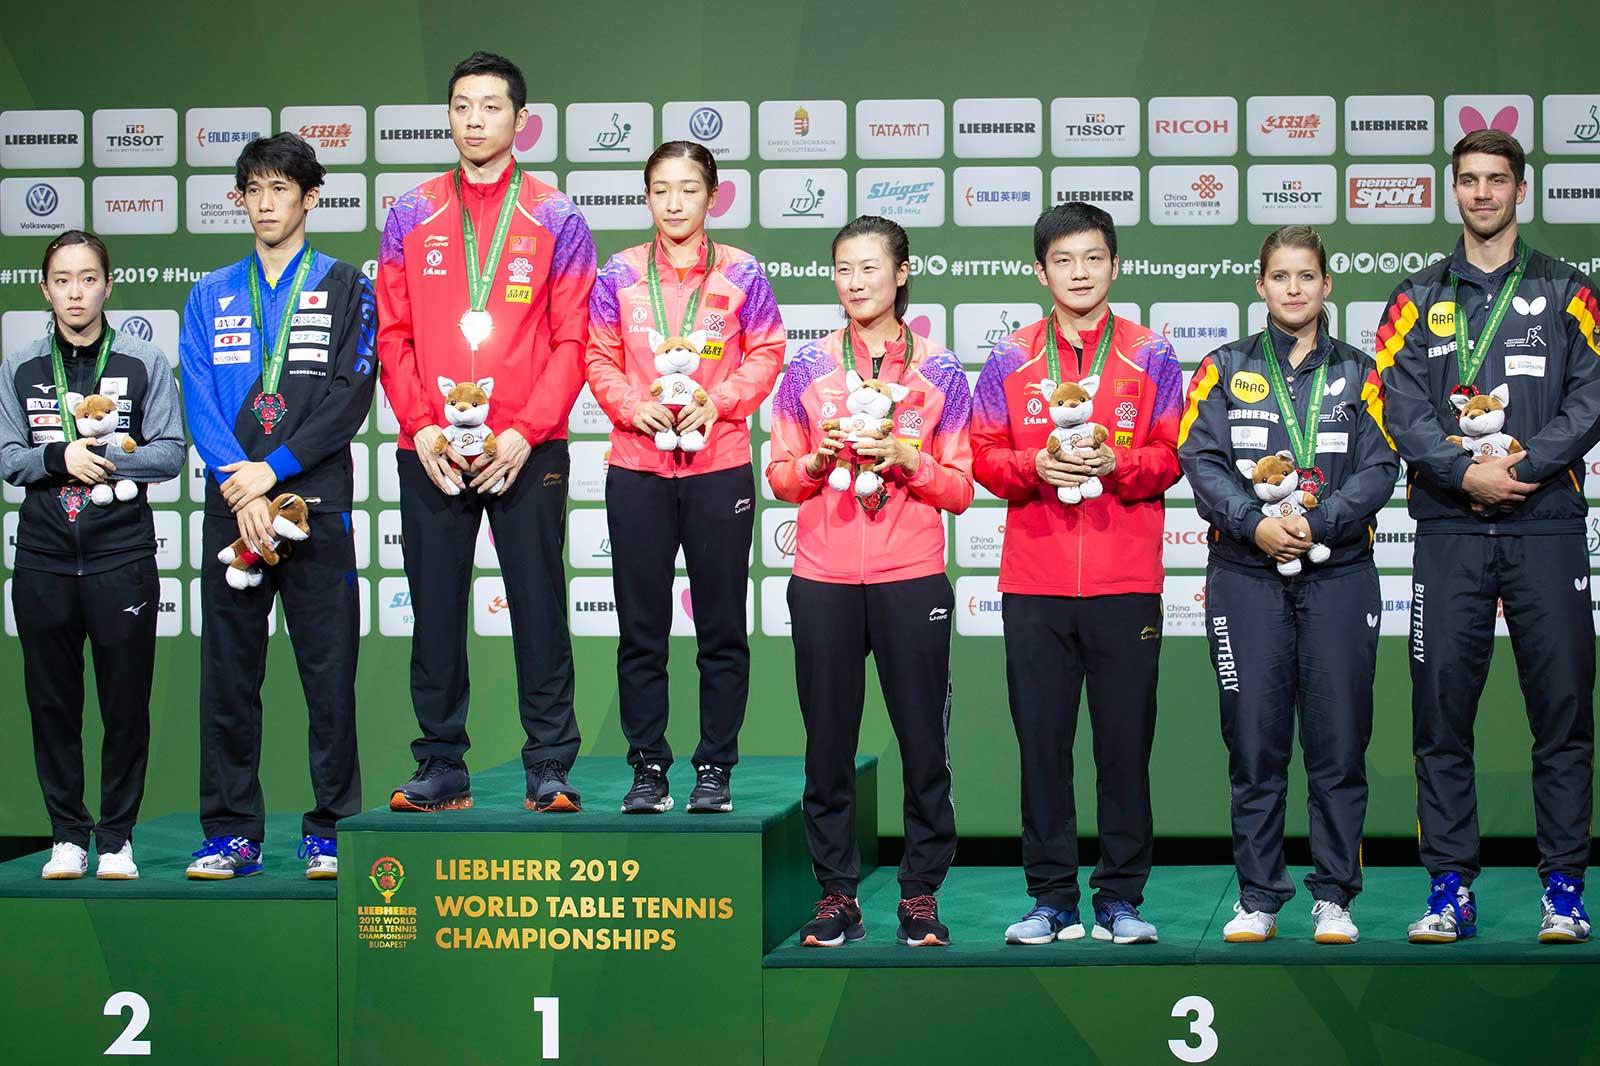 Siegerehrung WM 2019 Budapest, Mixed Bronzemedaille (Foto: Manfred Schillings)